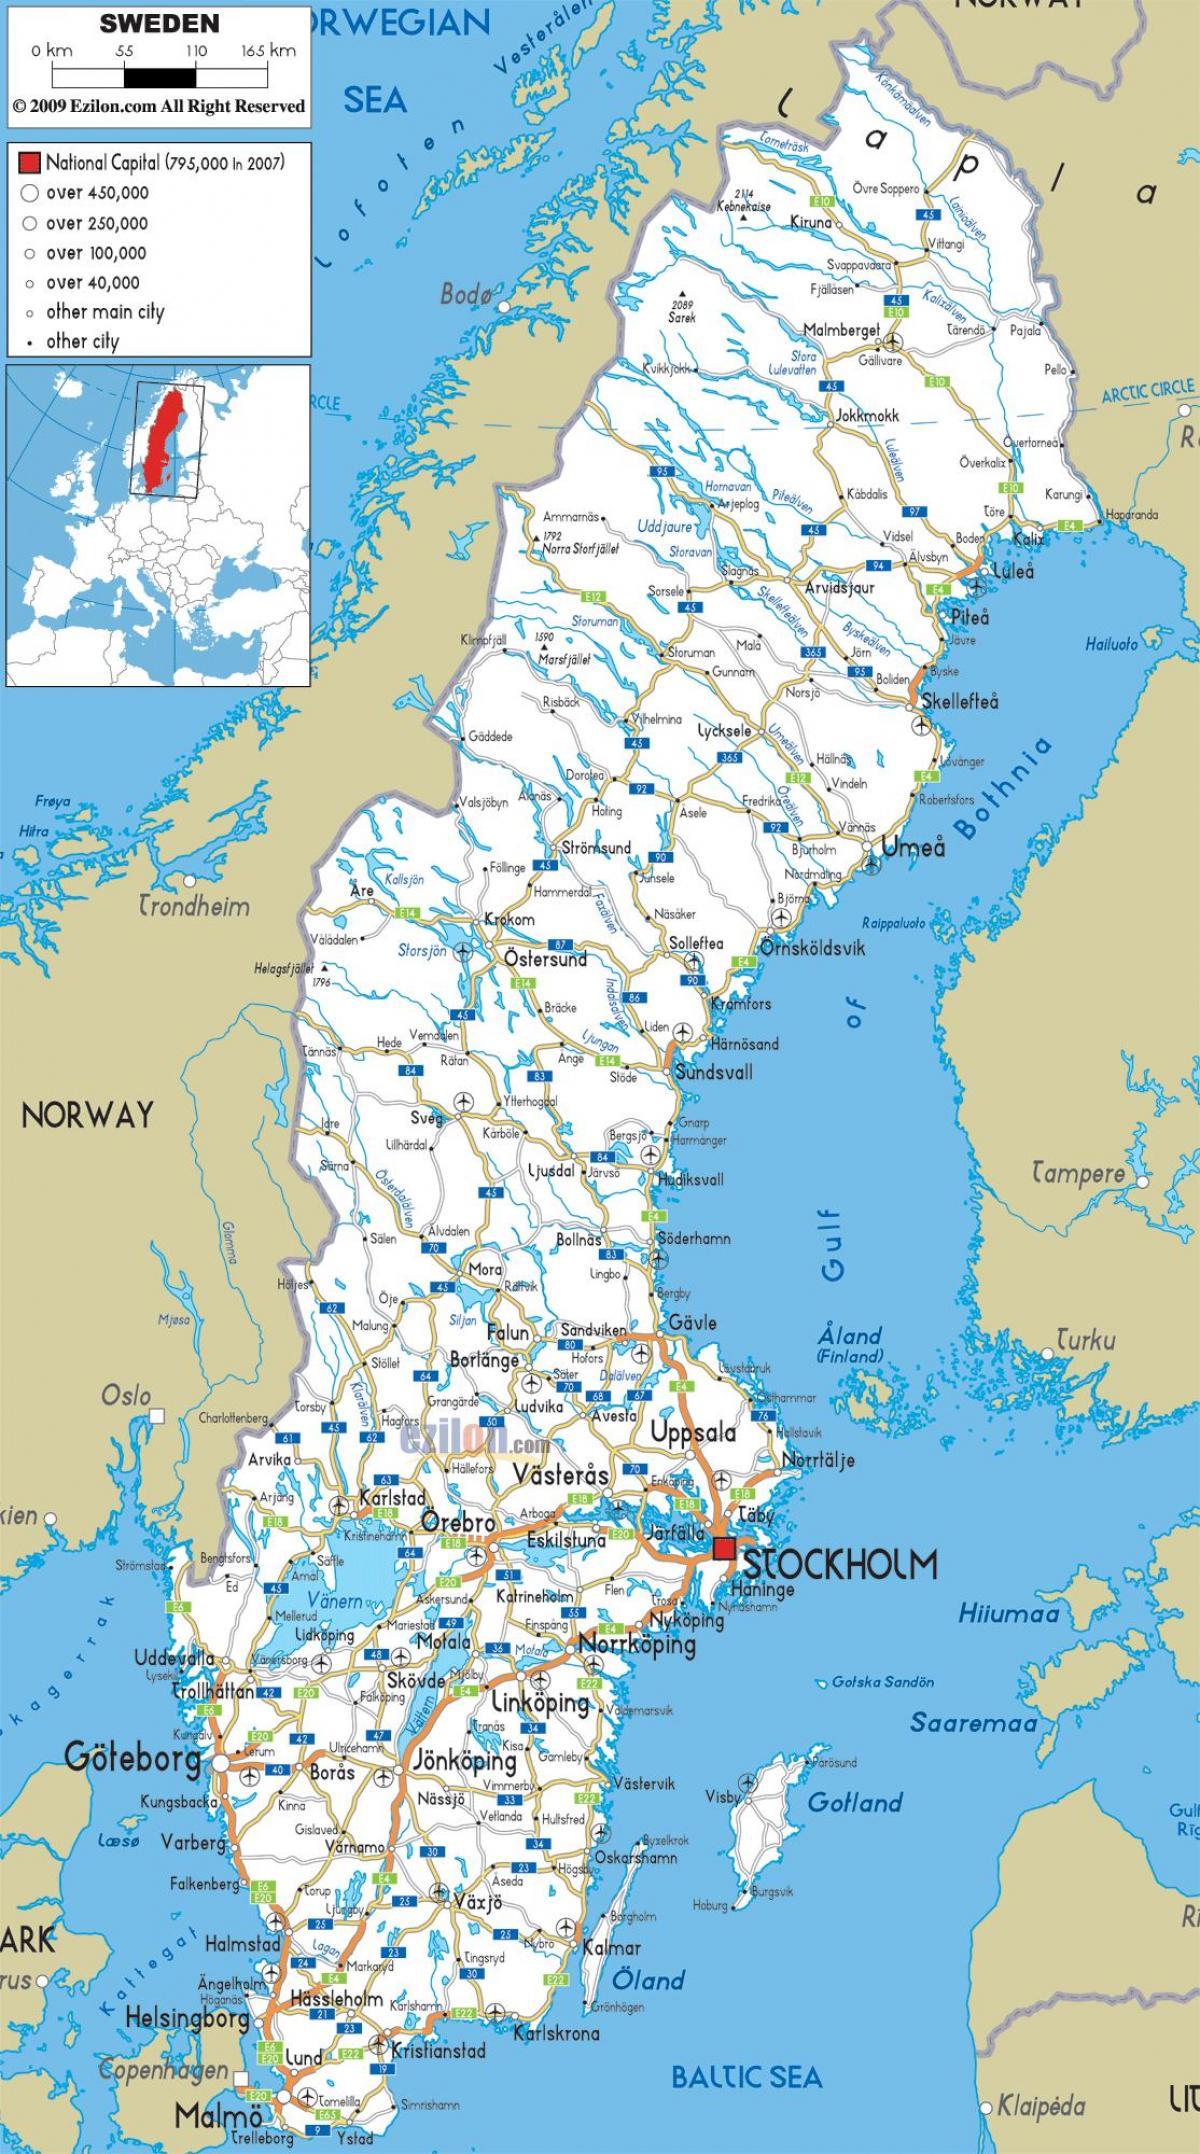 kart over sverige se Sverige byer kart   Sverige kart med byer (Northern Europe   Europe) kart over sverige se